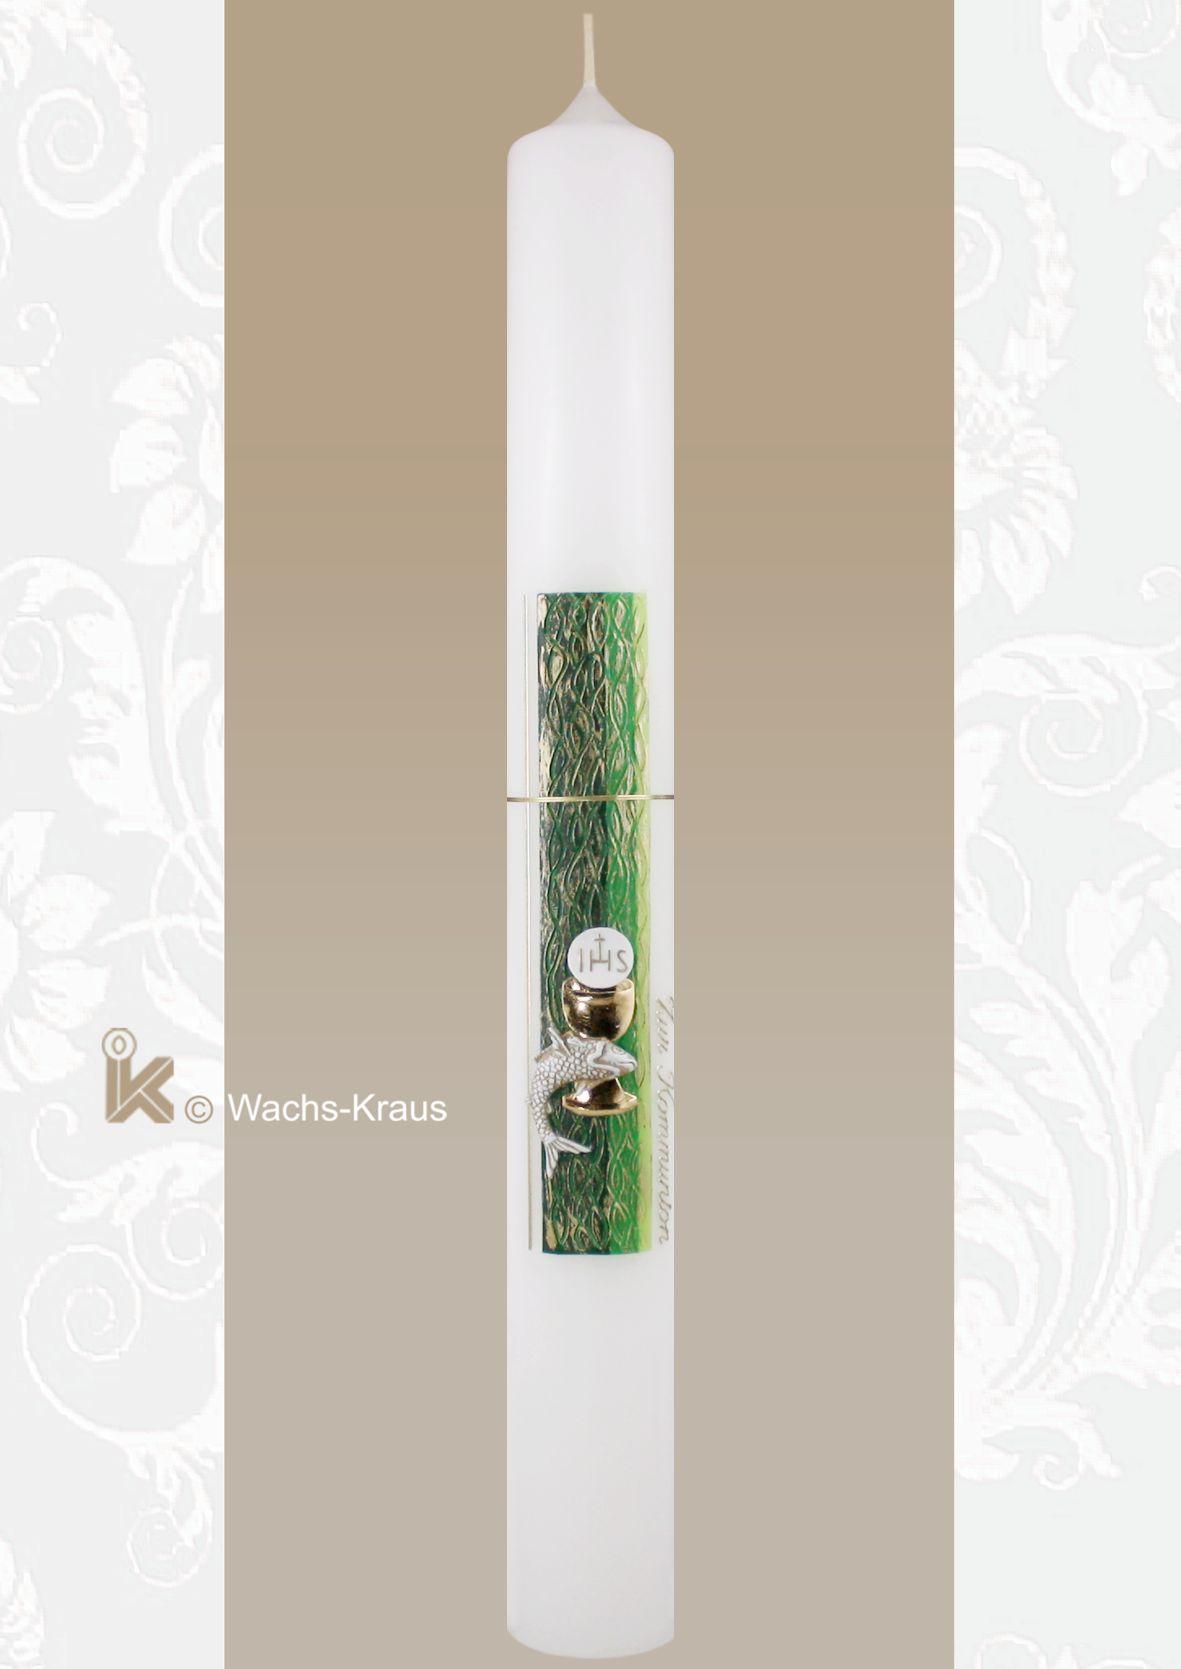 Auf der, extra entwickelten grünen Strukturwachsplatte sind ein zartes, goldfarbenes Kreuz, ein glänzend goldener Kelch mit Hostie